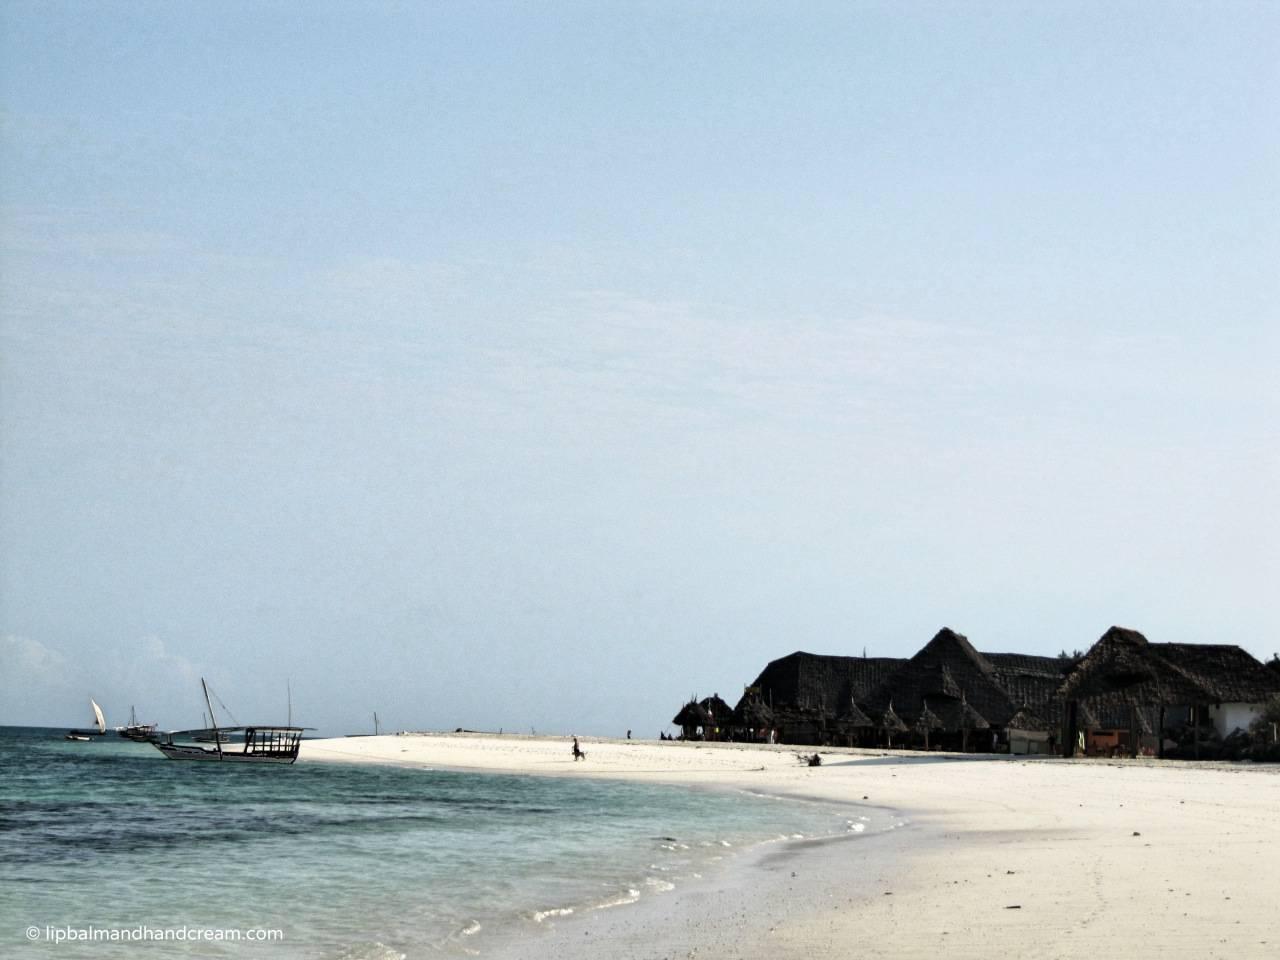 My trip to Zanzibar